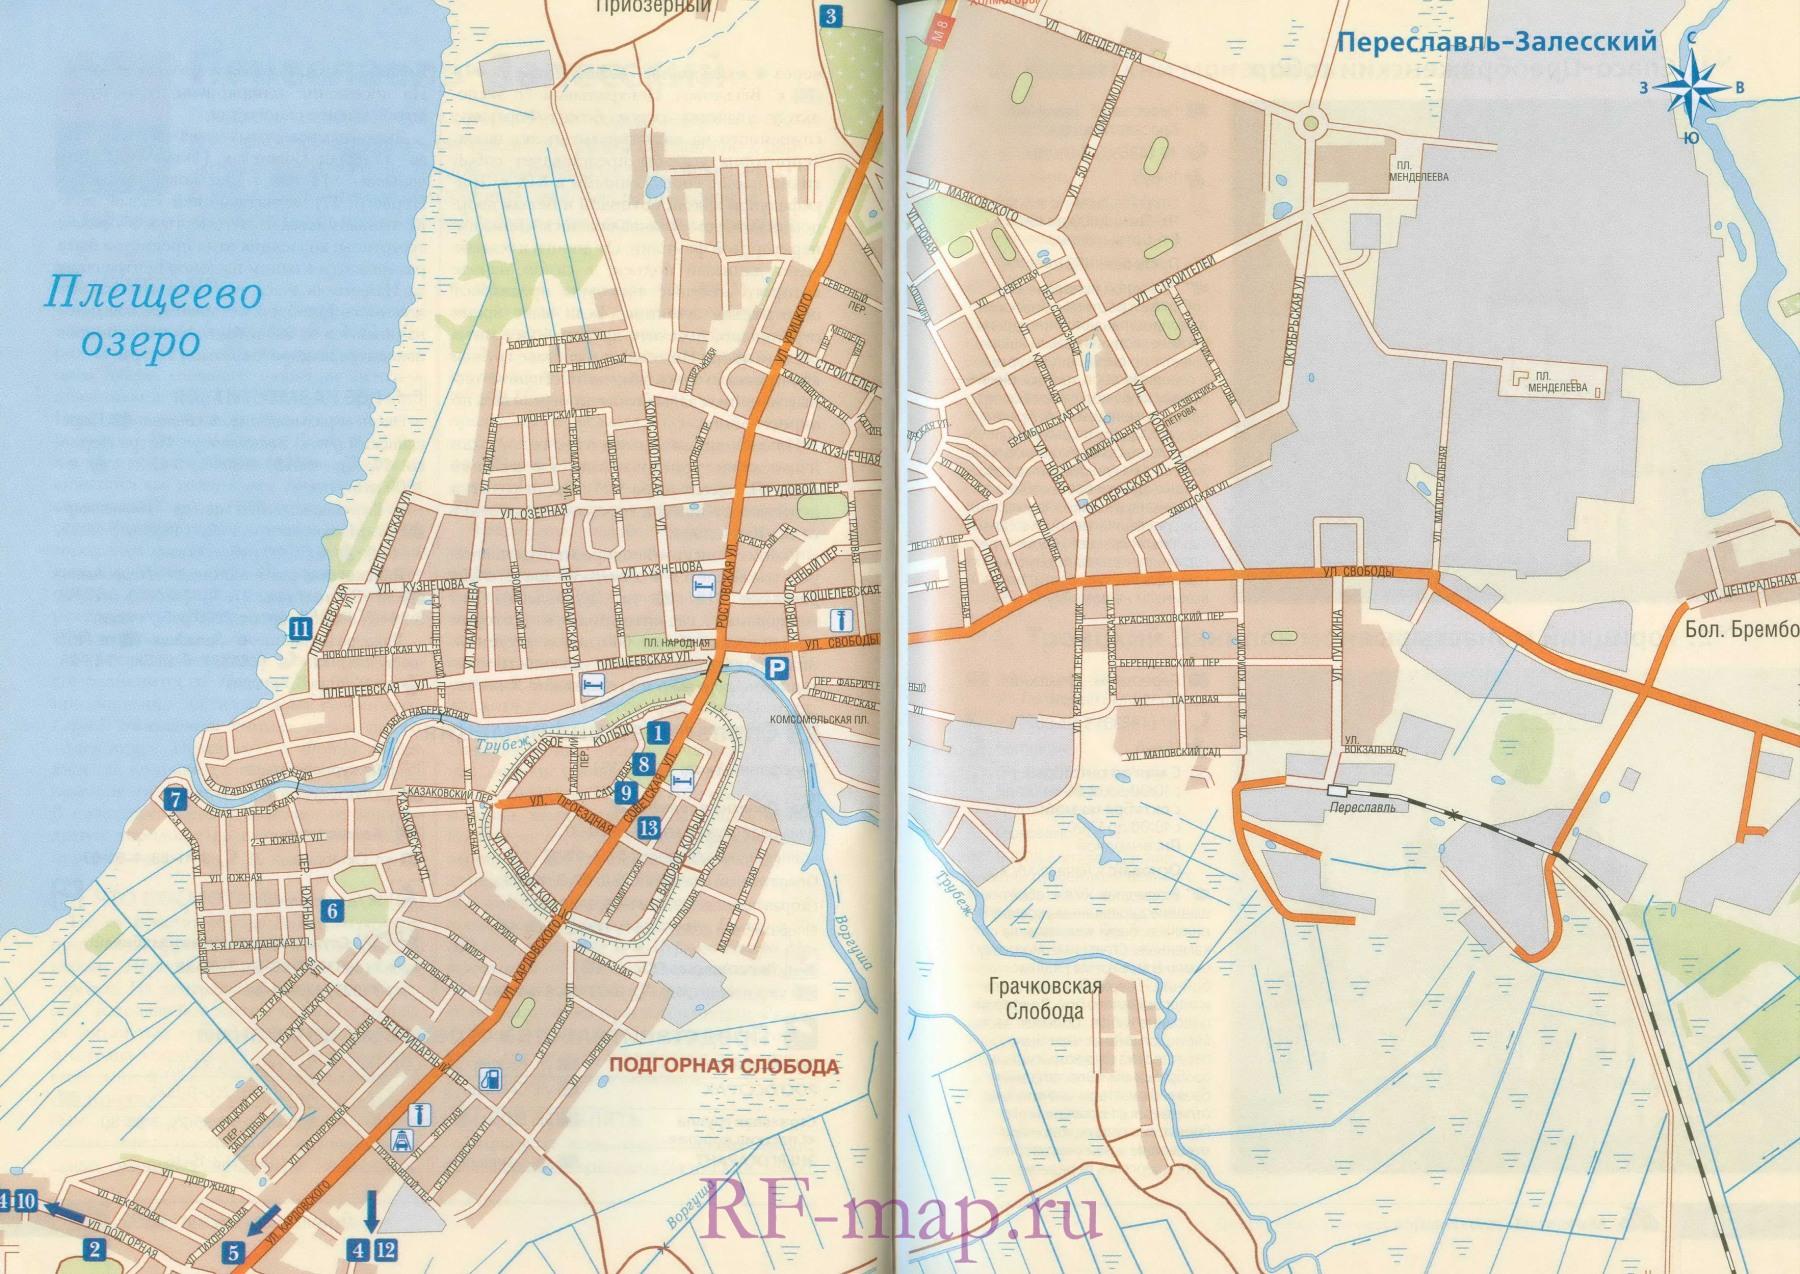 Карта схема Переславля Залесского.  Схема транзитного проезда через Переславль Залесский.